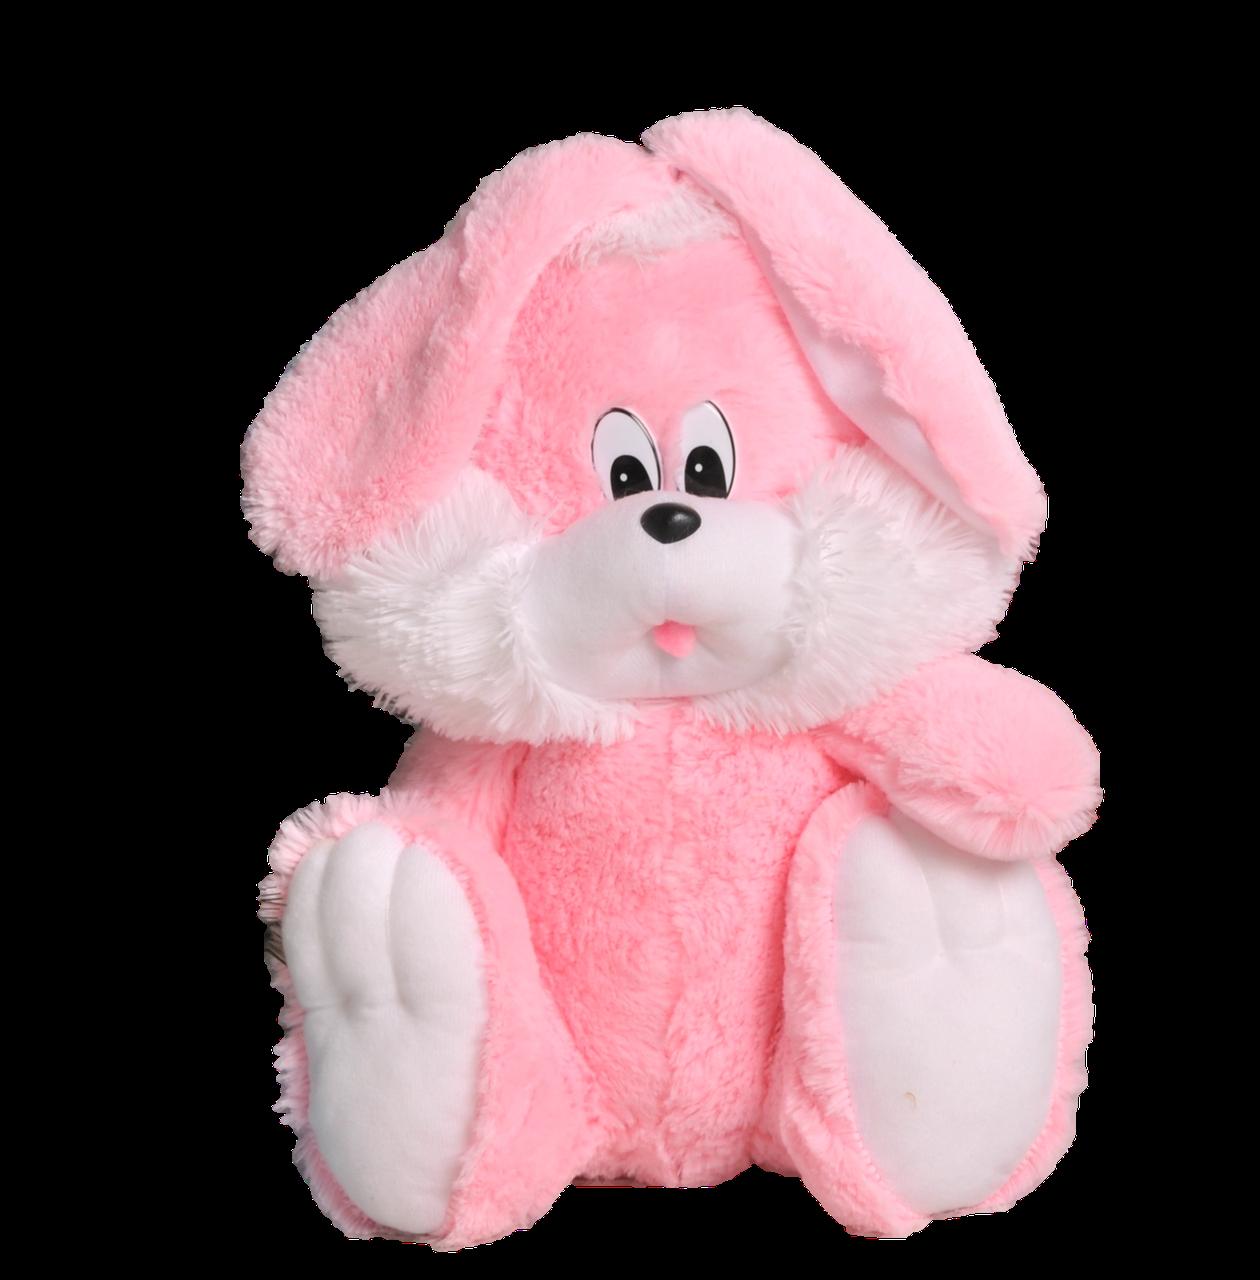 Плюшевый зайчик(мягкая игрушка)  110 см розовый Алина